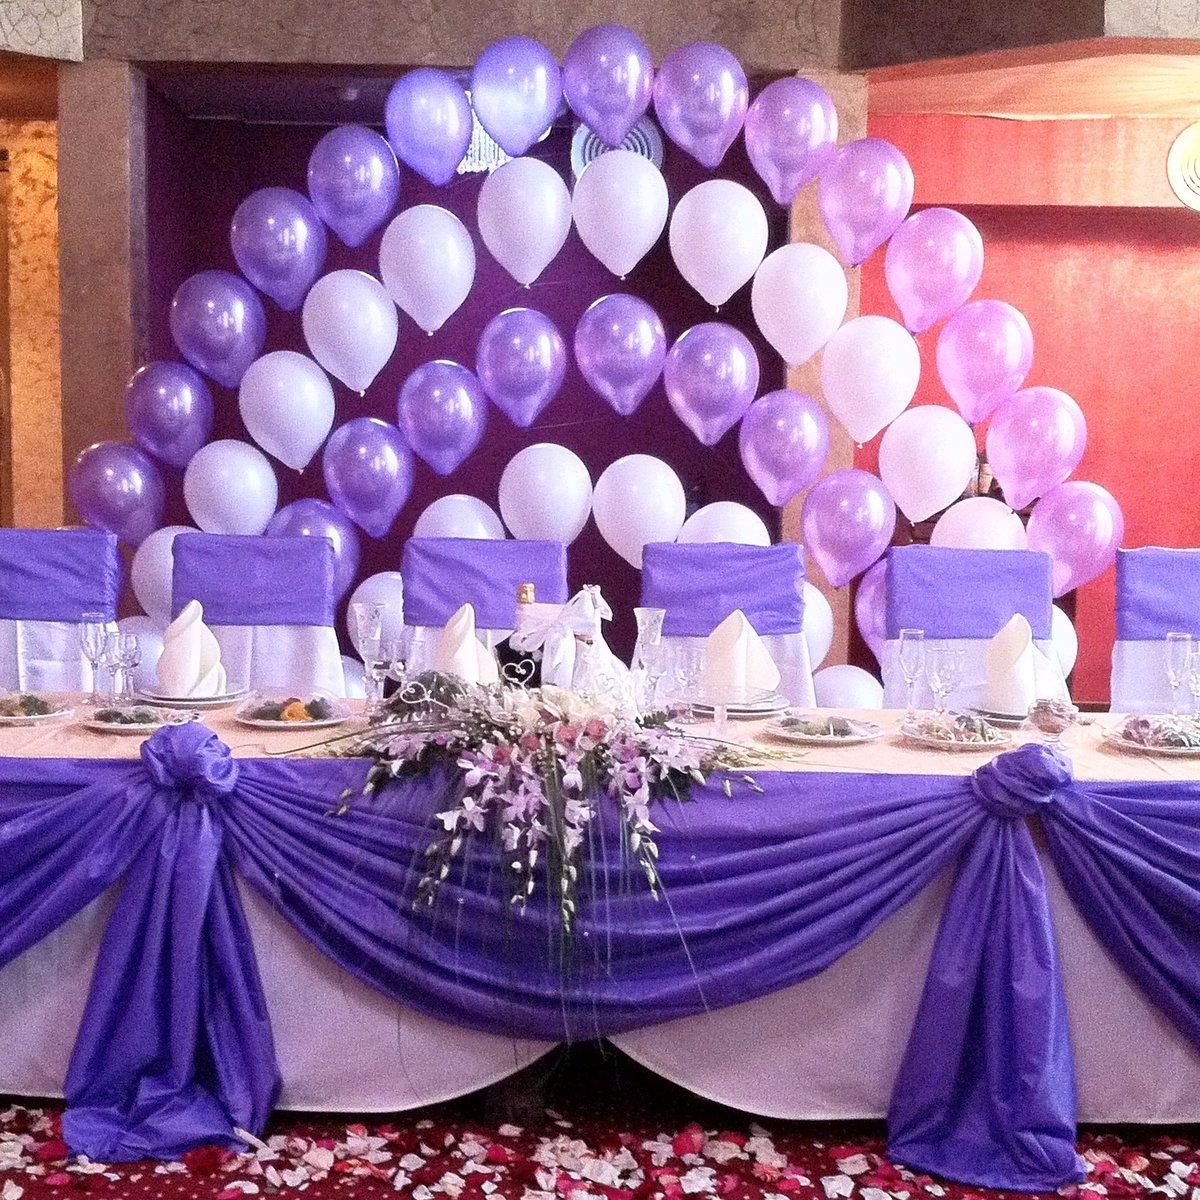 действием украшение зала на свадьбу фото шарами клавиатуре, блоке питания